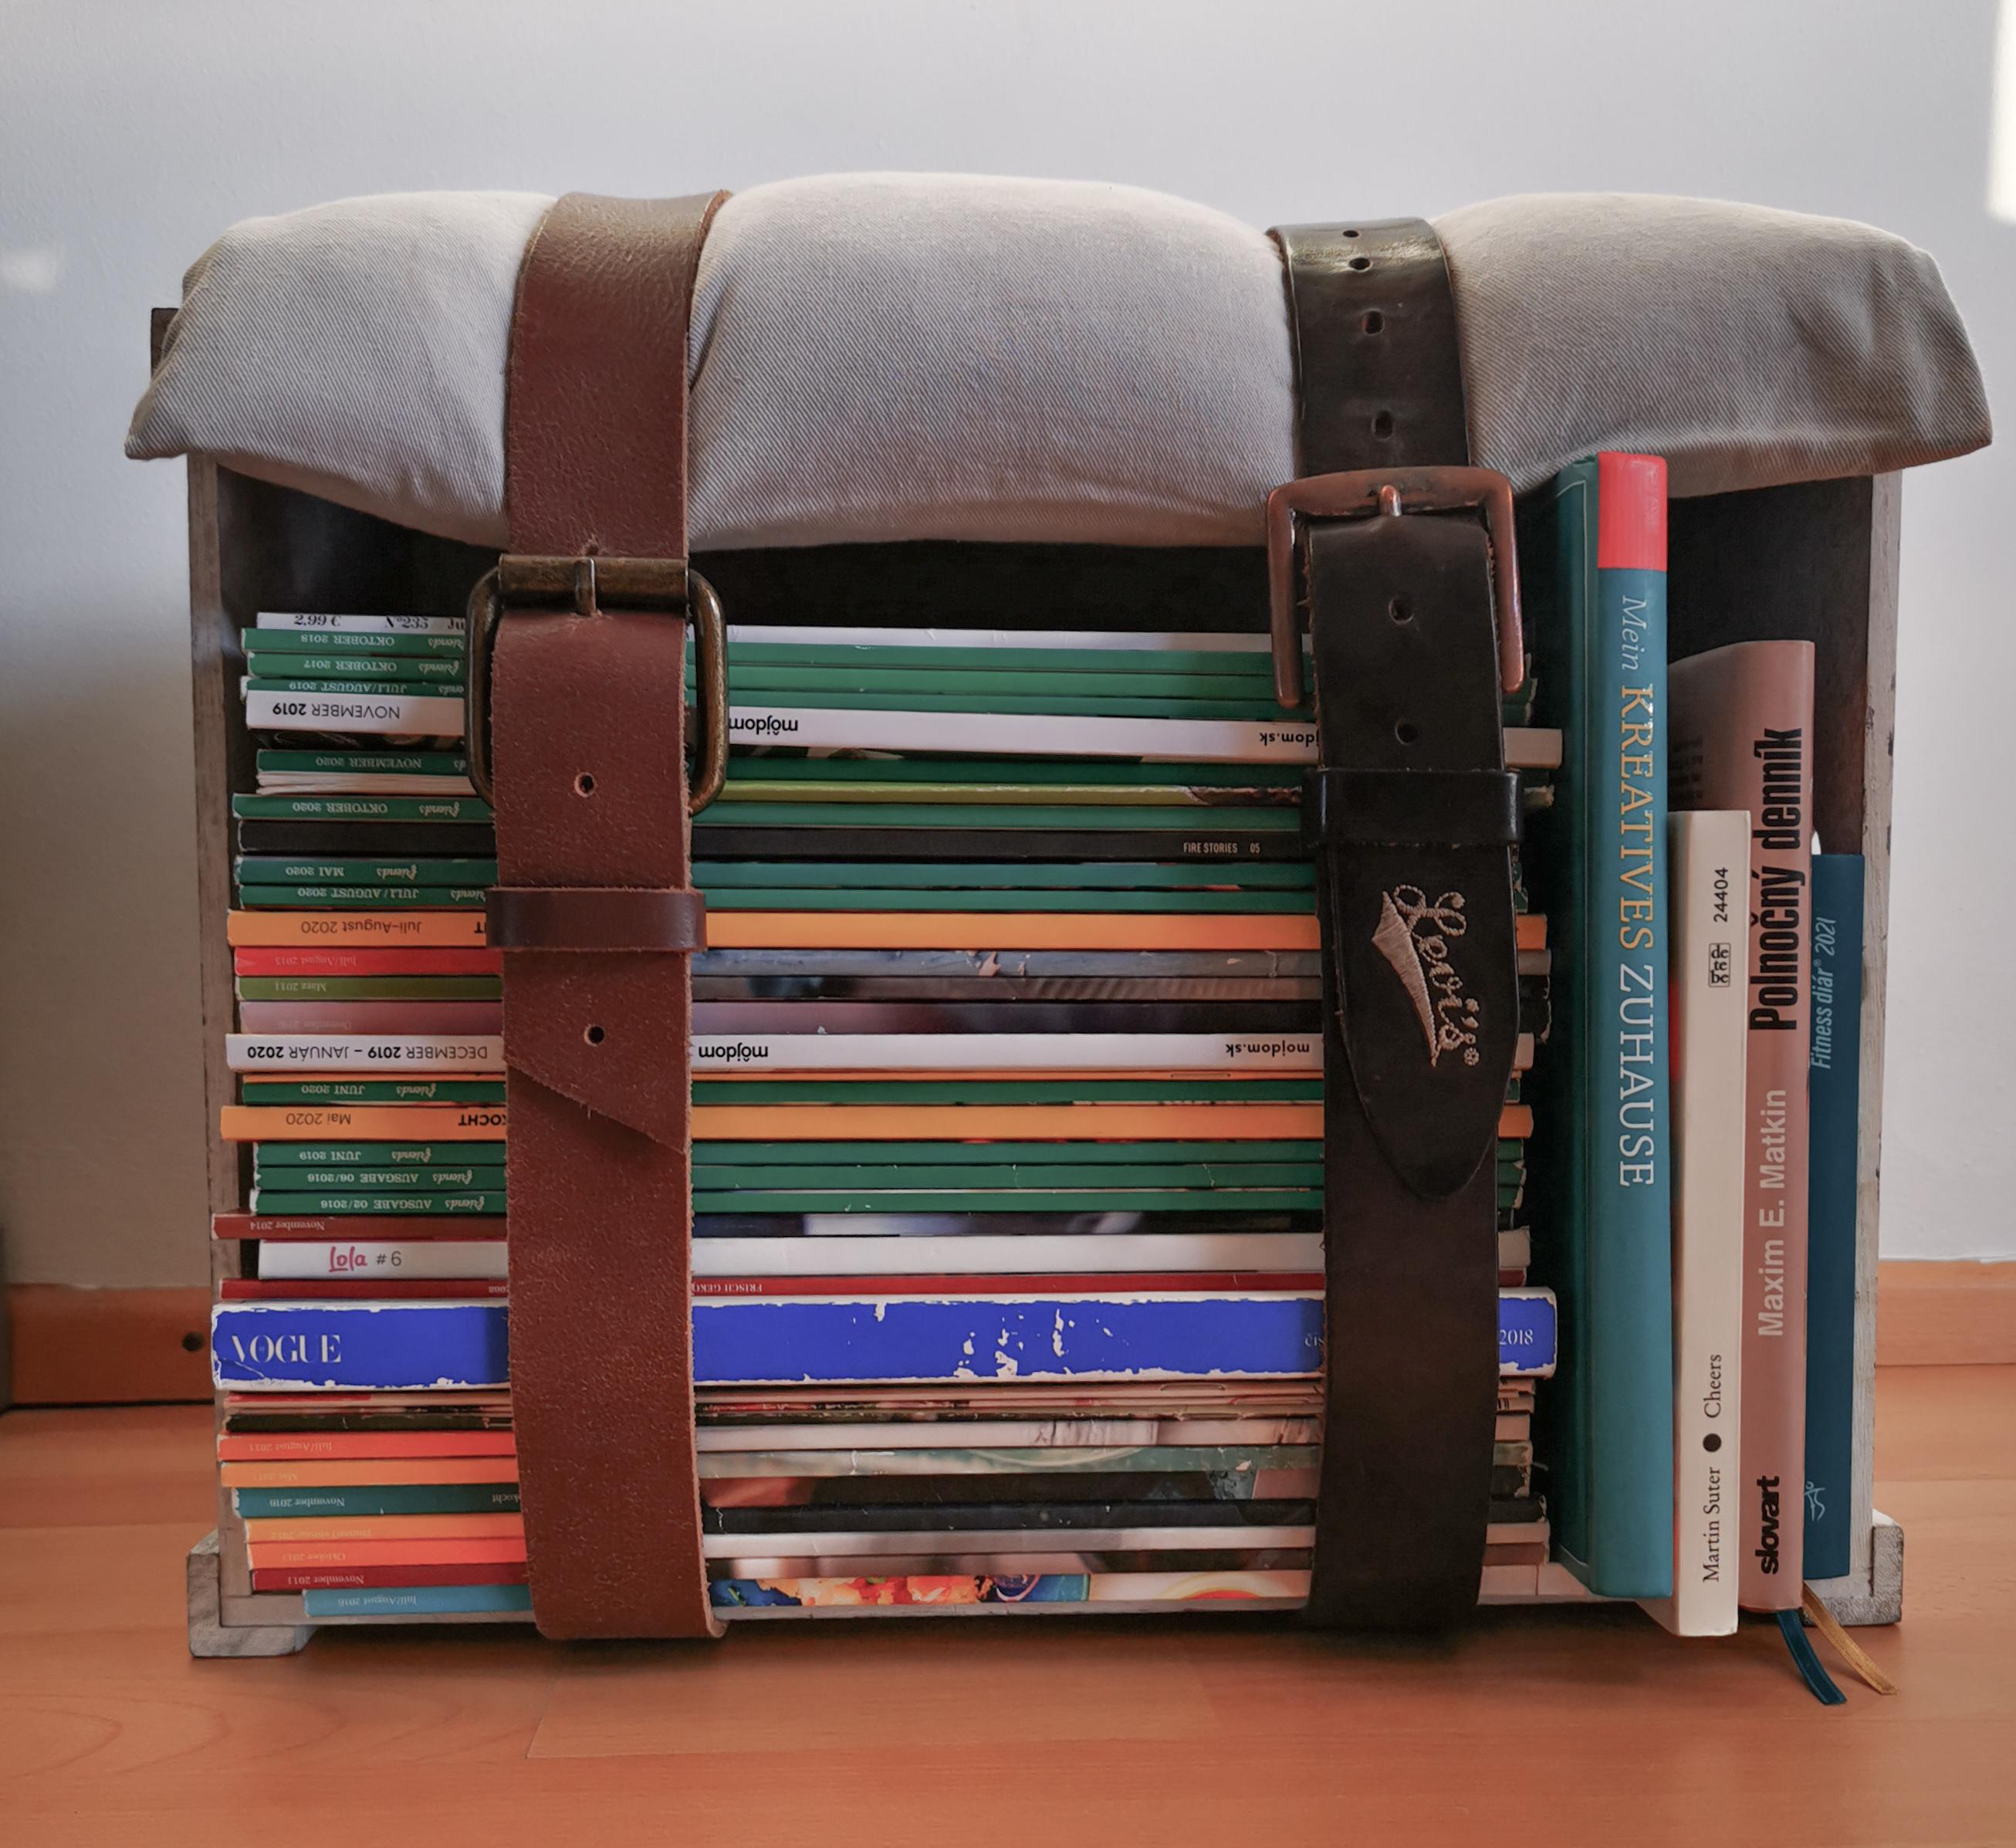 IMG 20210120 154200 1 - Sitzhocker aus alten Zeitschriften? Warum nicht?